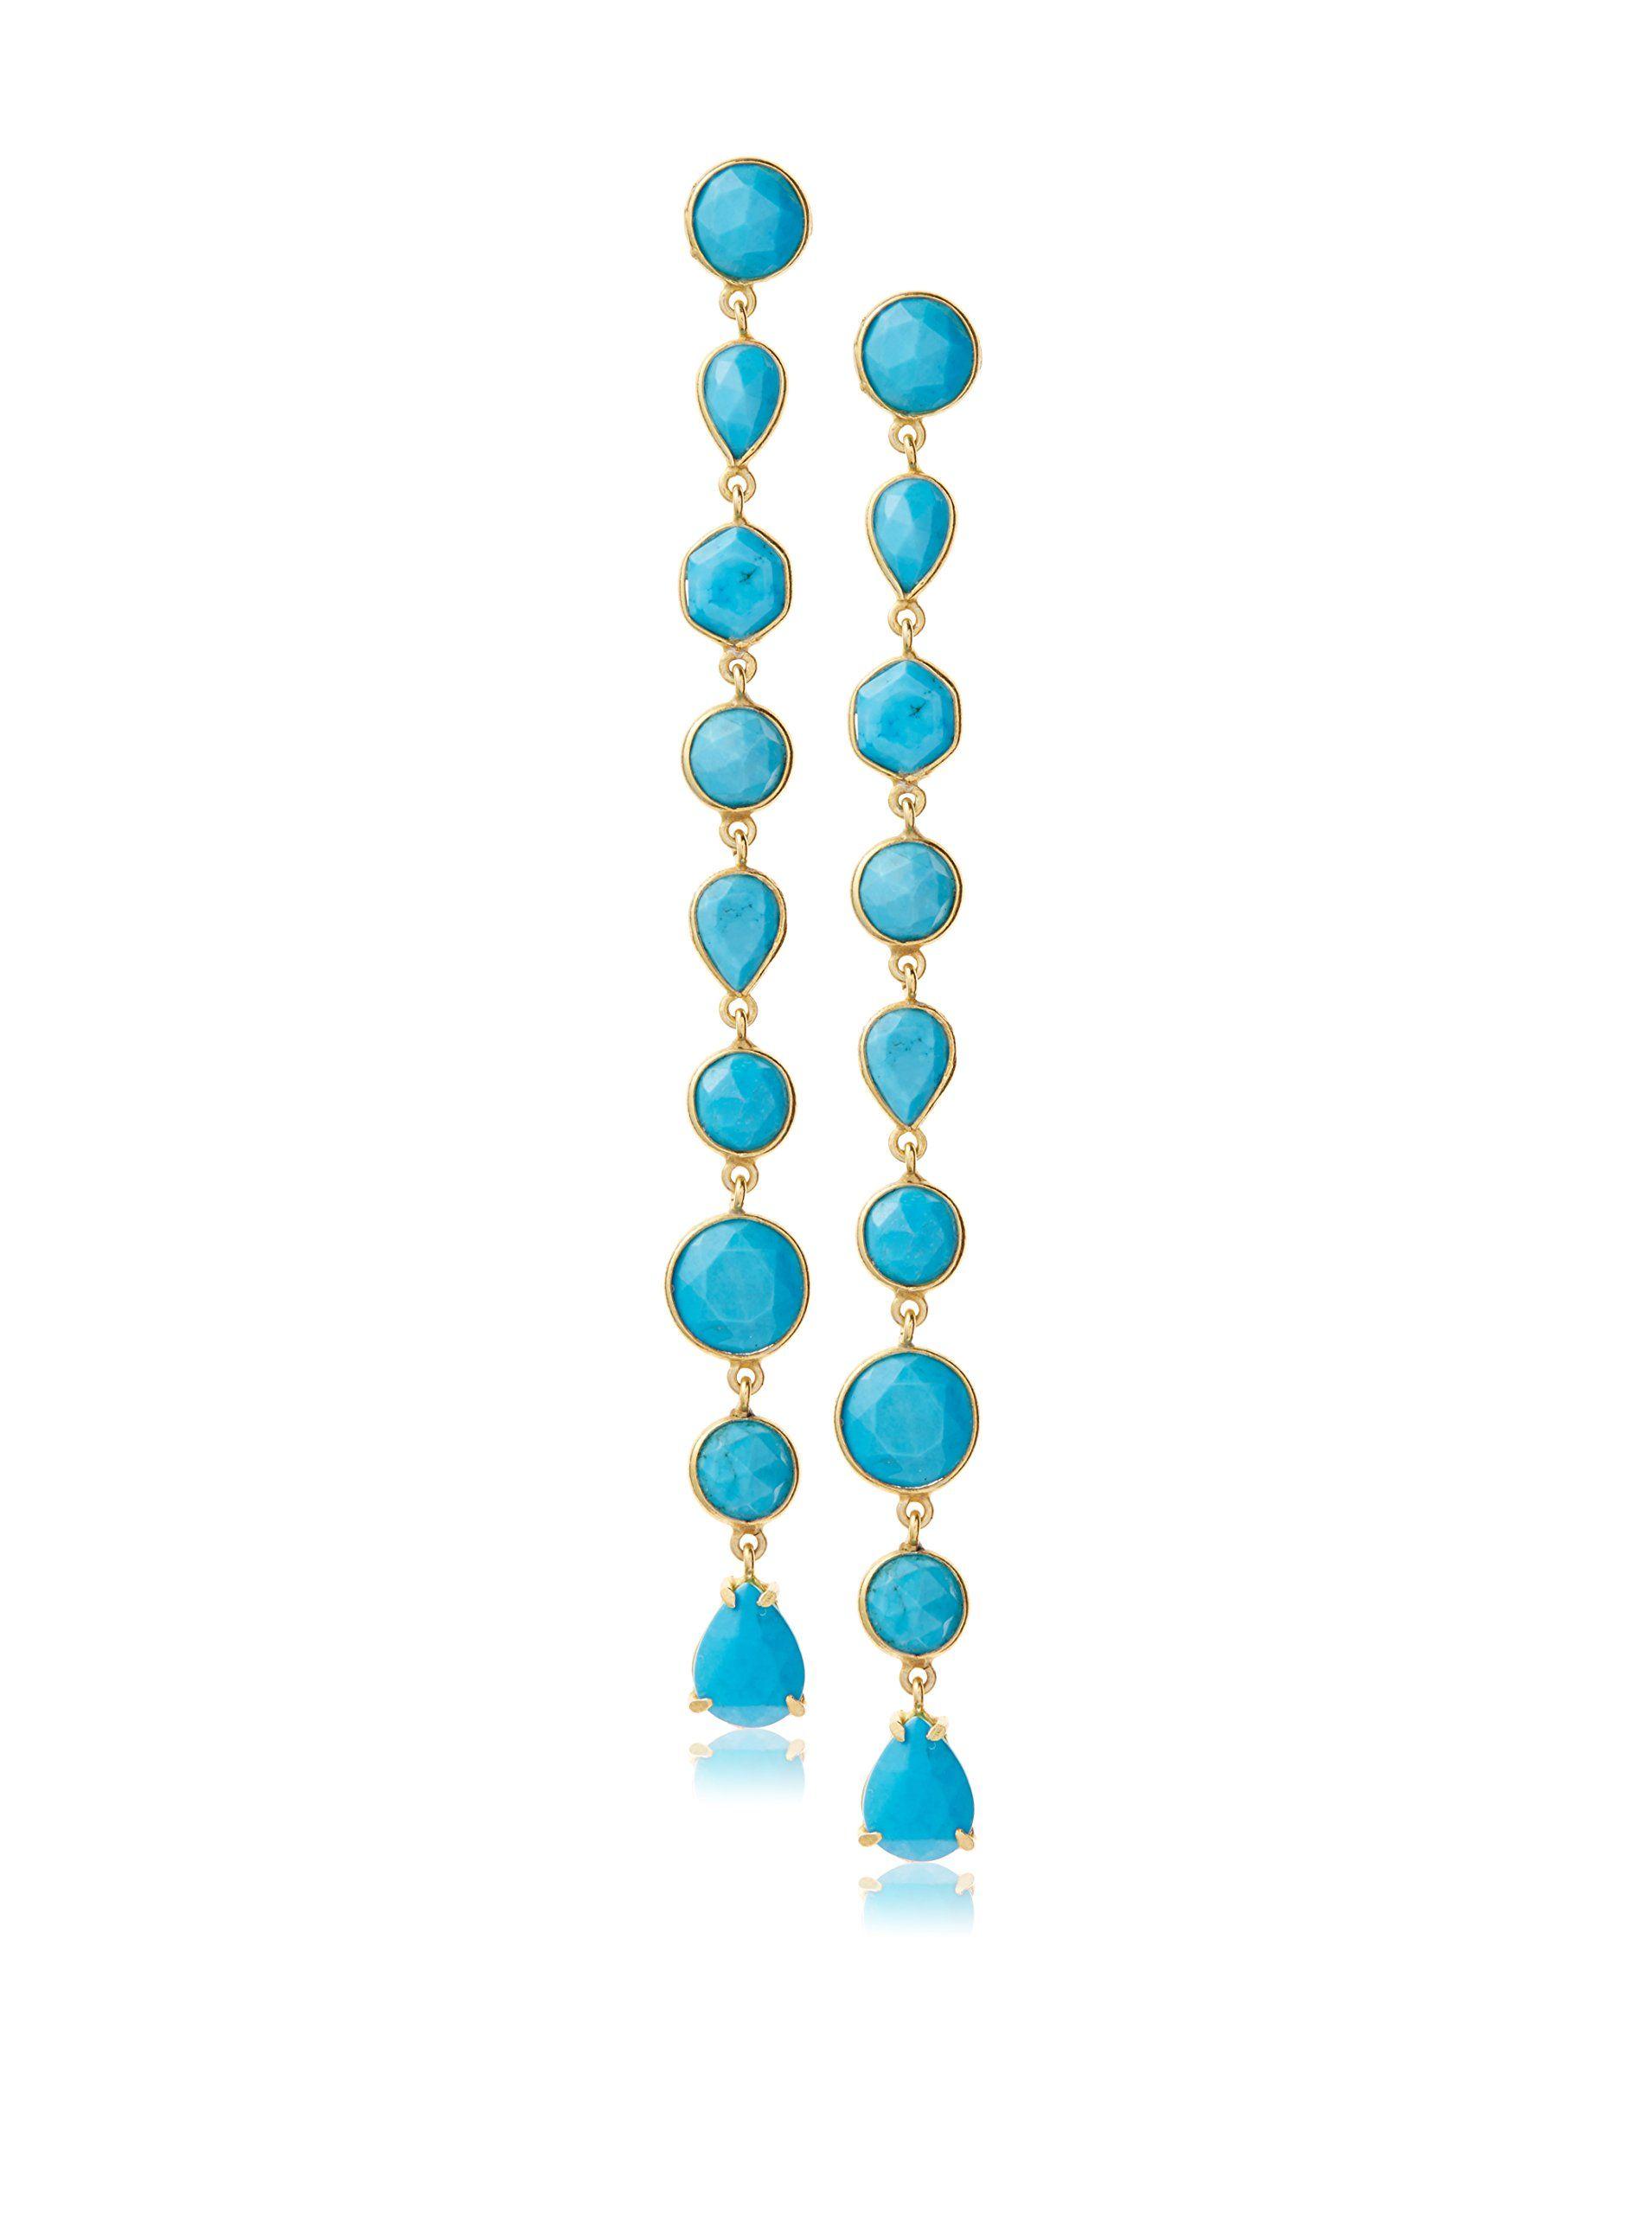 Heather Hawkins Turquoise Linear Bezel Earrings at MYHABIT